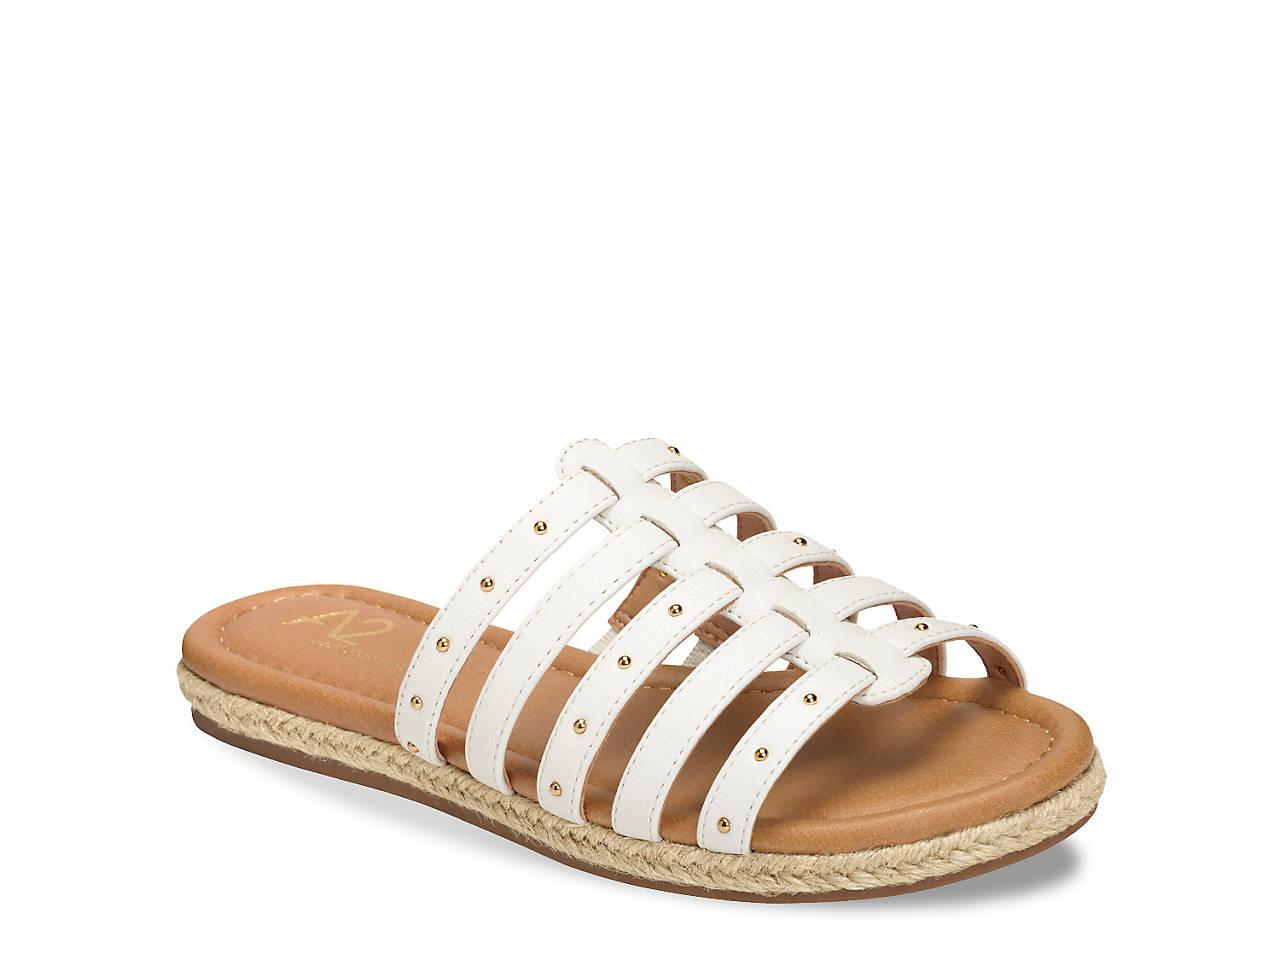 b90d504af079 A2 by Aerosoles Drop Top Espadrille Sandal Women s Shoes